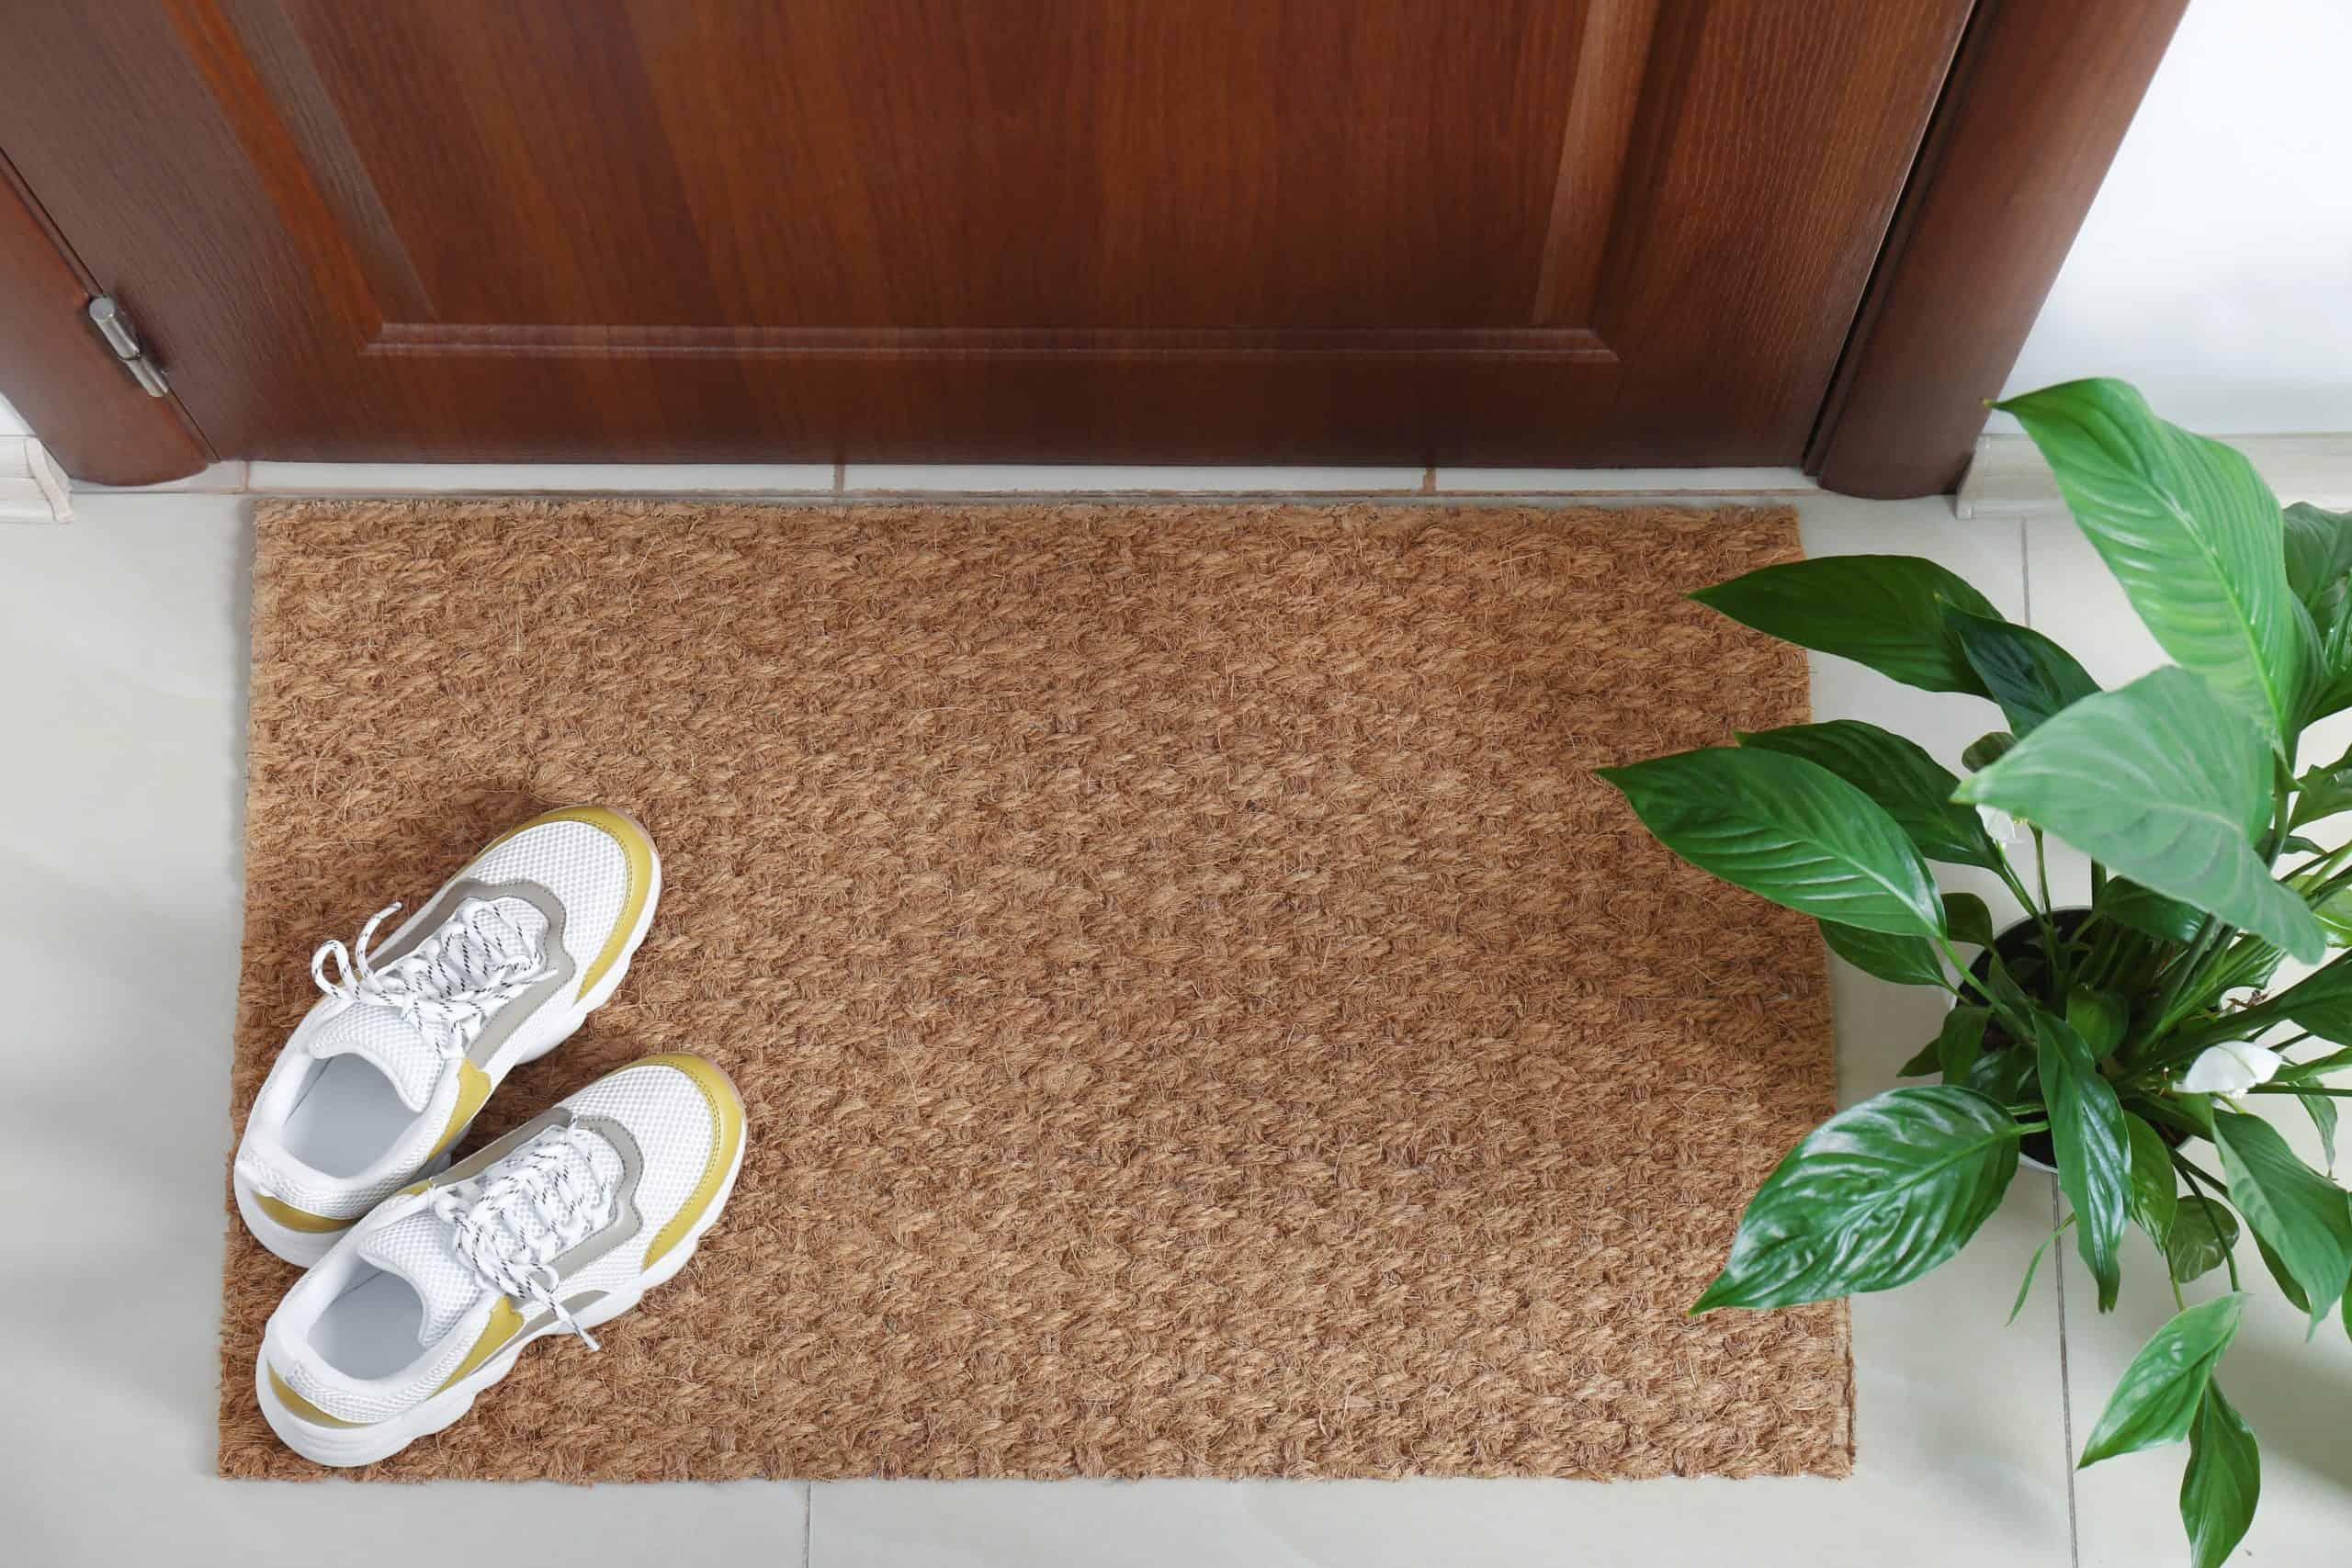 sneakers by the front door mat